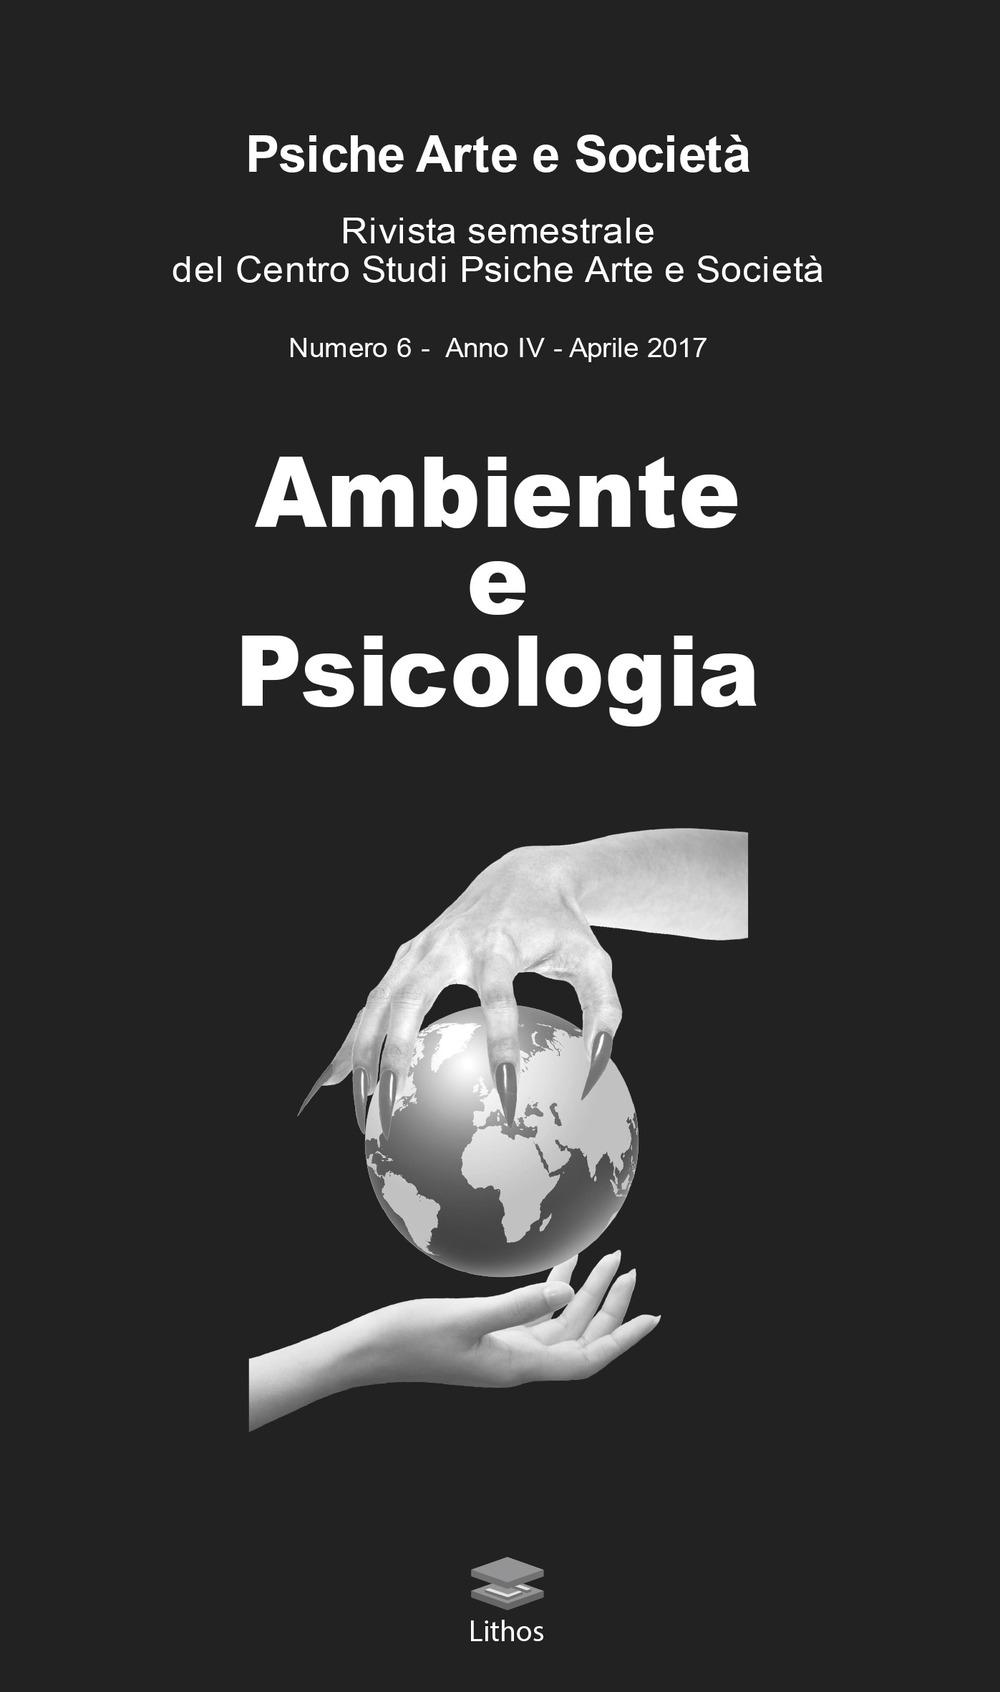 Psiche arte e società. Rivista del Centro Studi Psiche Arte e Società (2017). Vol. 6: Ambiente e psicologia